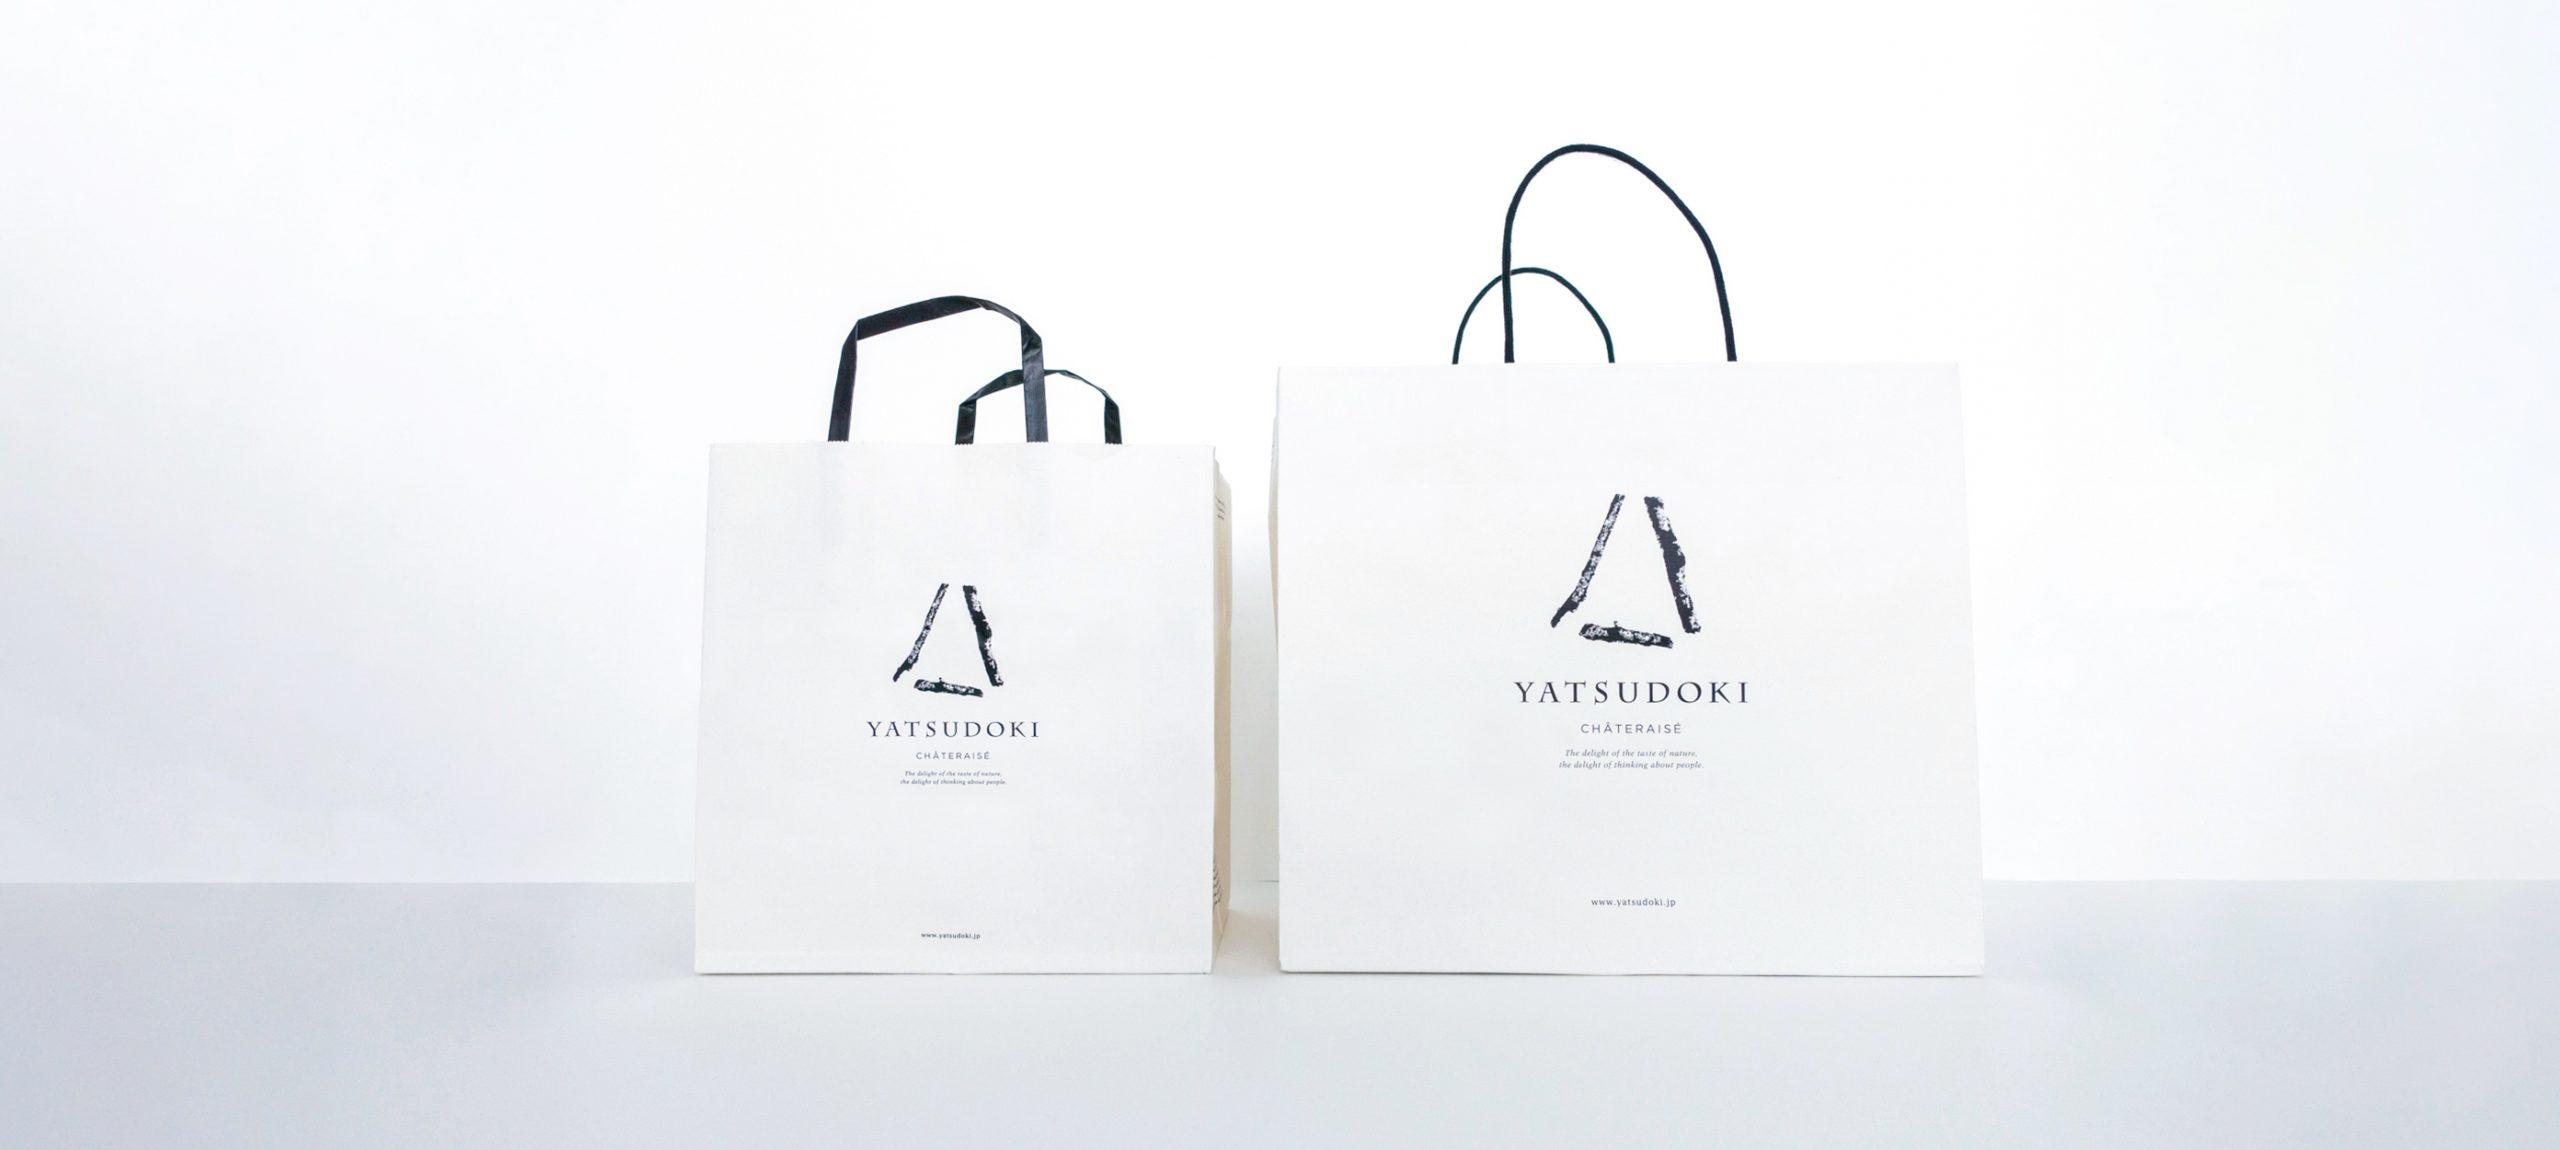 シャトレーゼ「YATSUDOKI(ヤツドキ)」のロゴ・アプリケーションデザイン事例画像